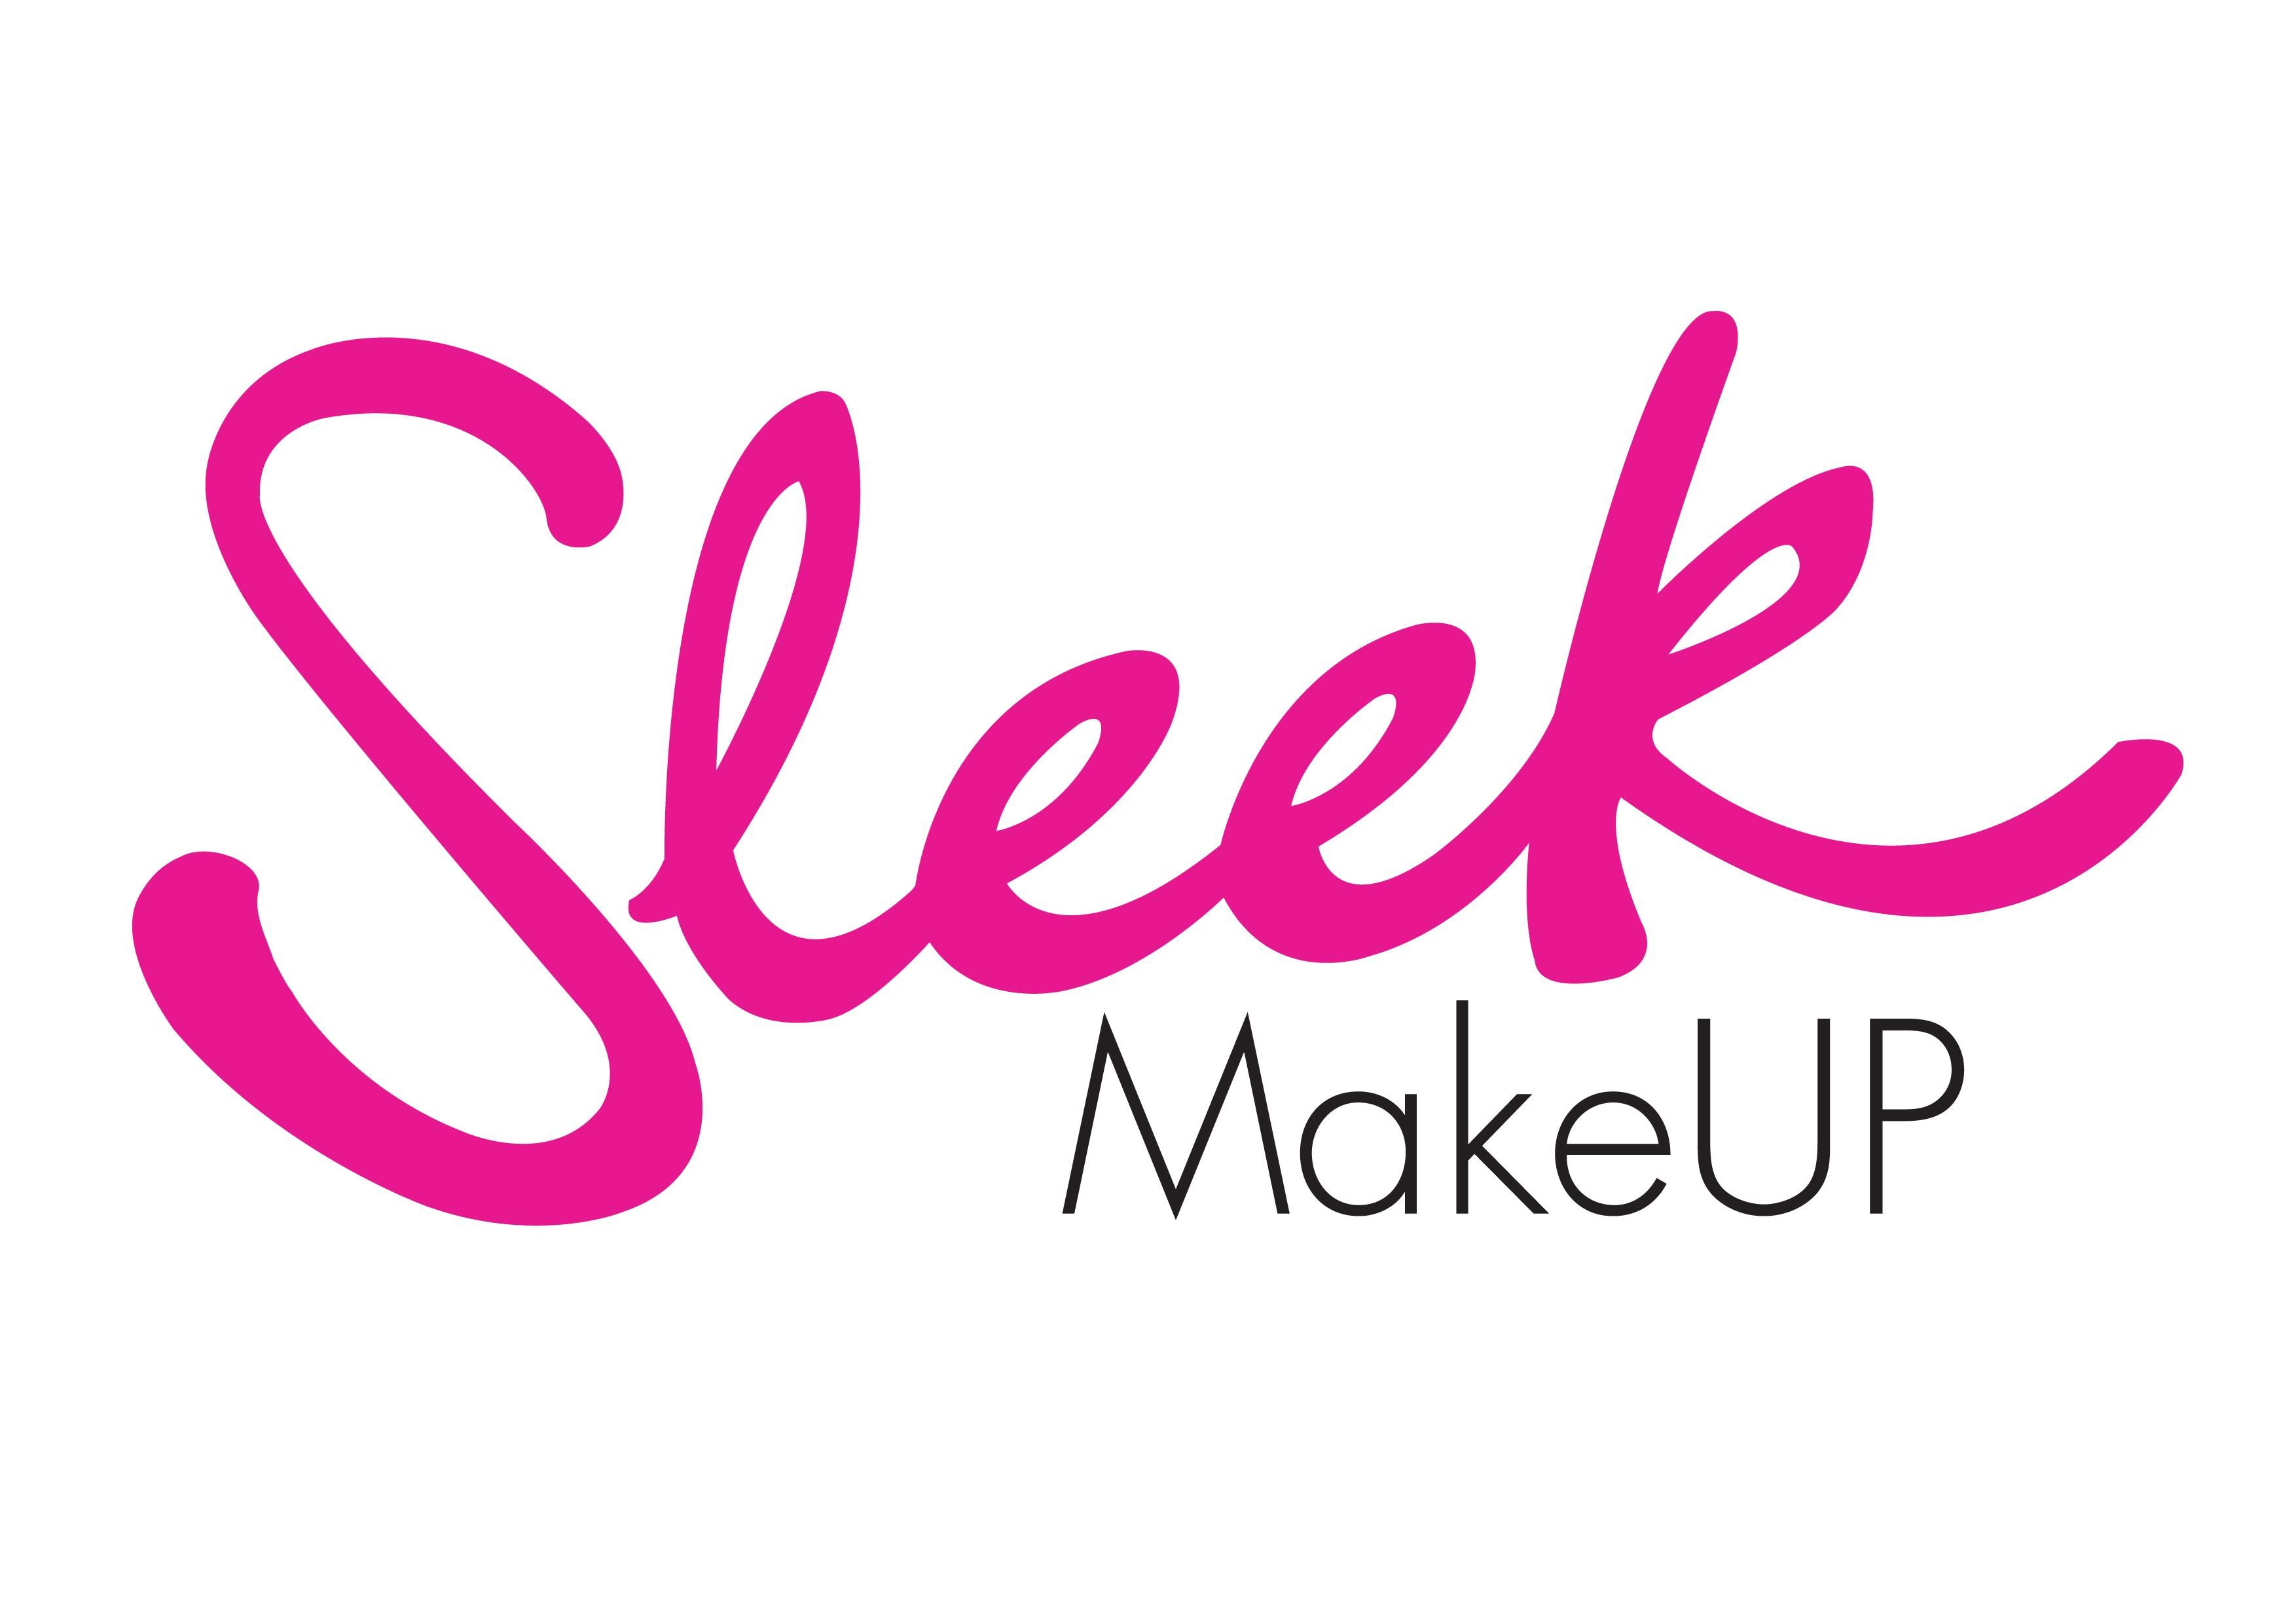 makeup brands logo Google Search Sleek makeup, Makeup logo